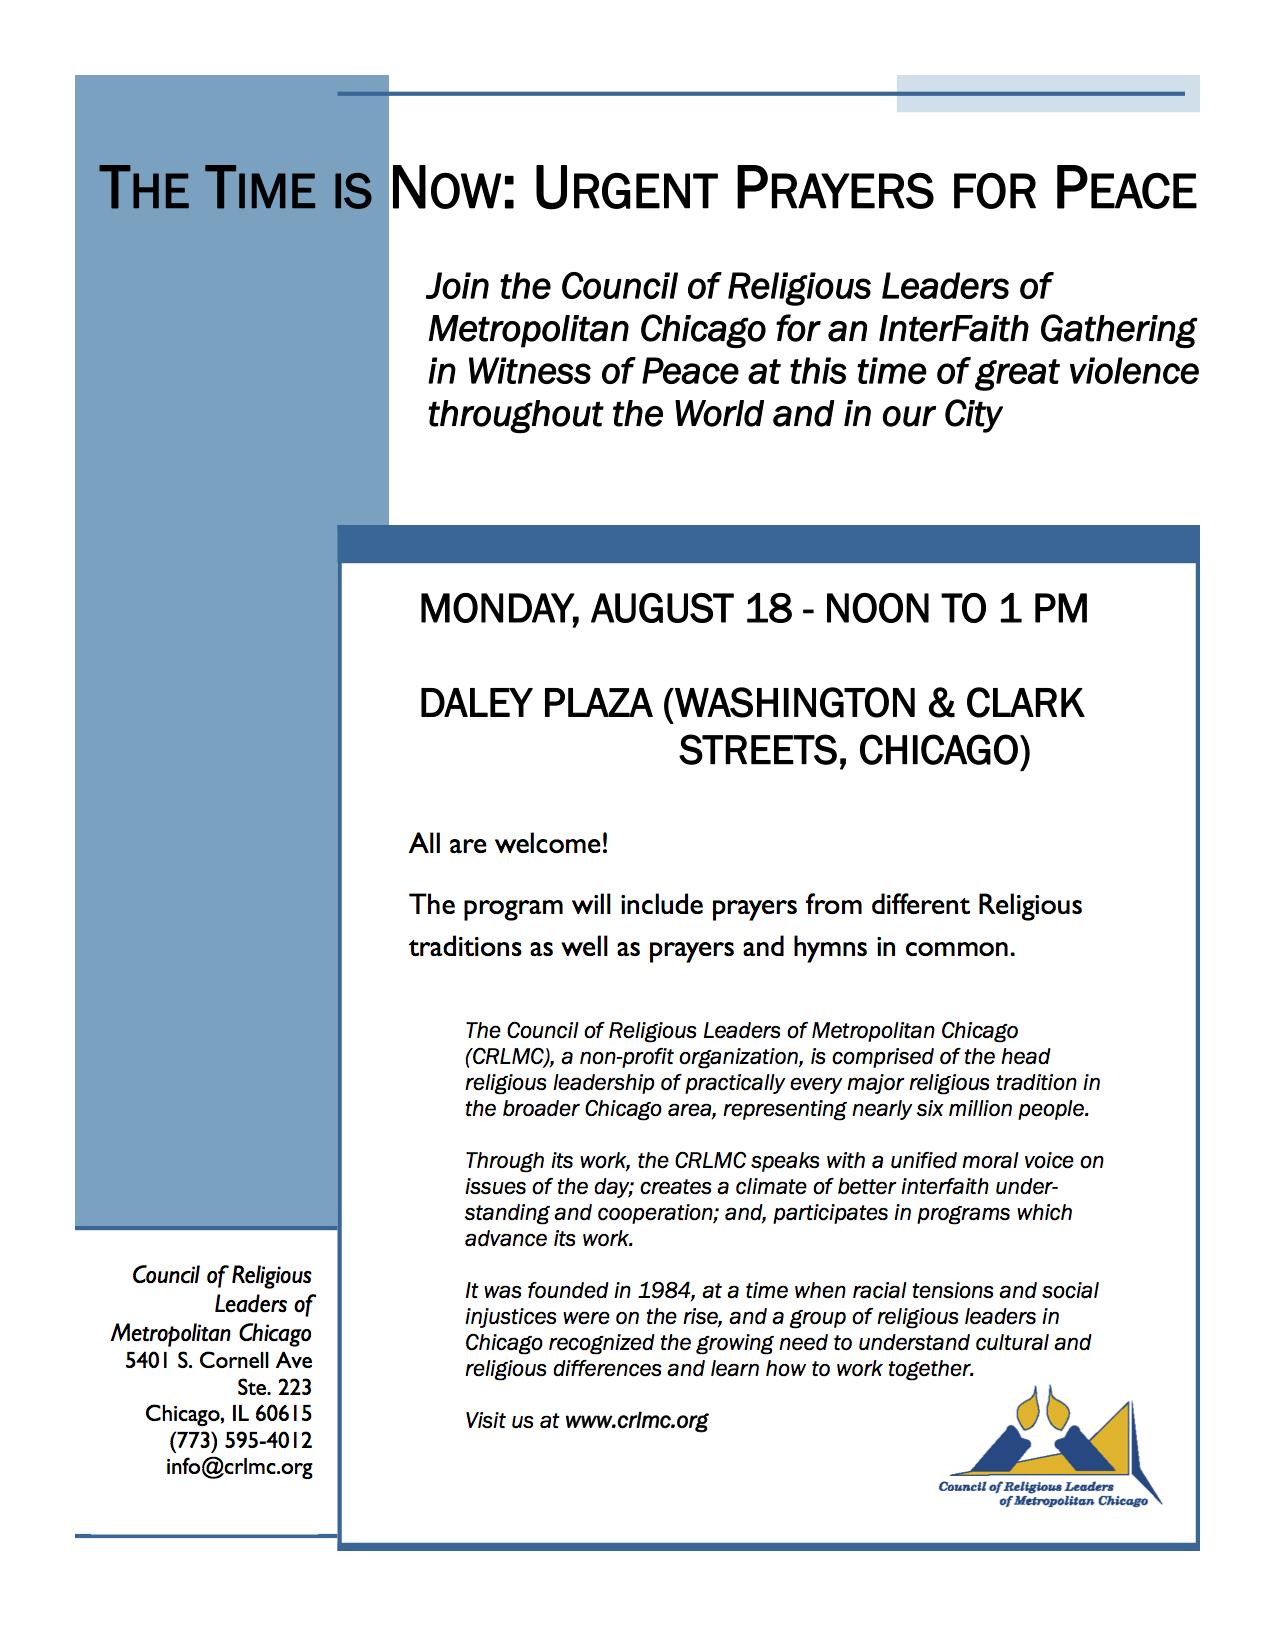 CRLMC_InterFaith_Gathering_for_Peace-Aug_2014.jpg